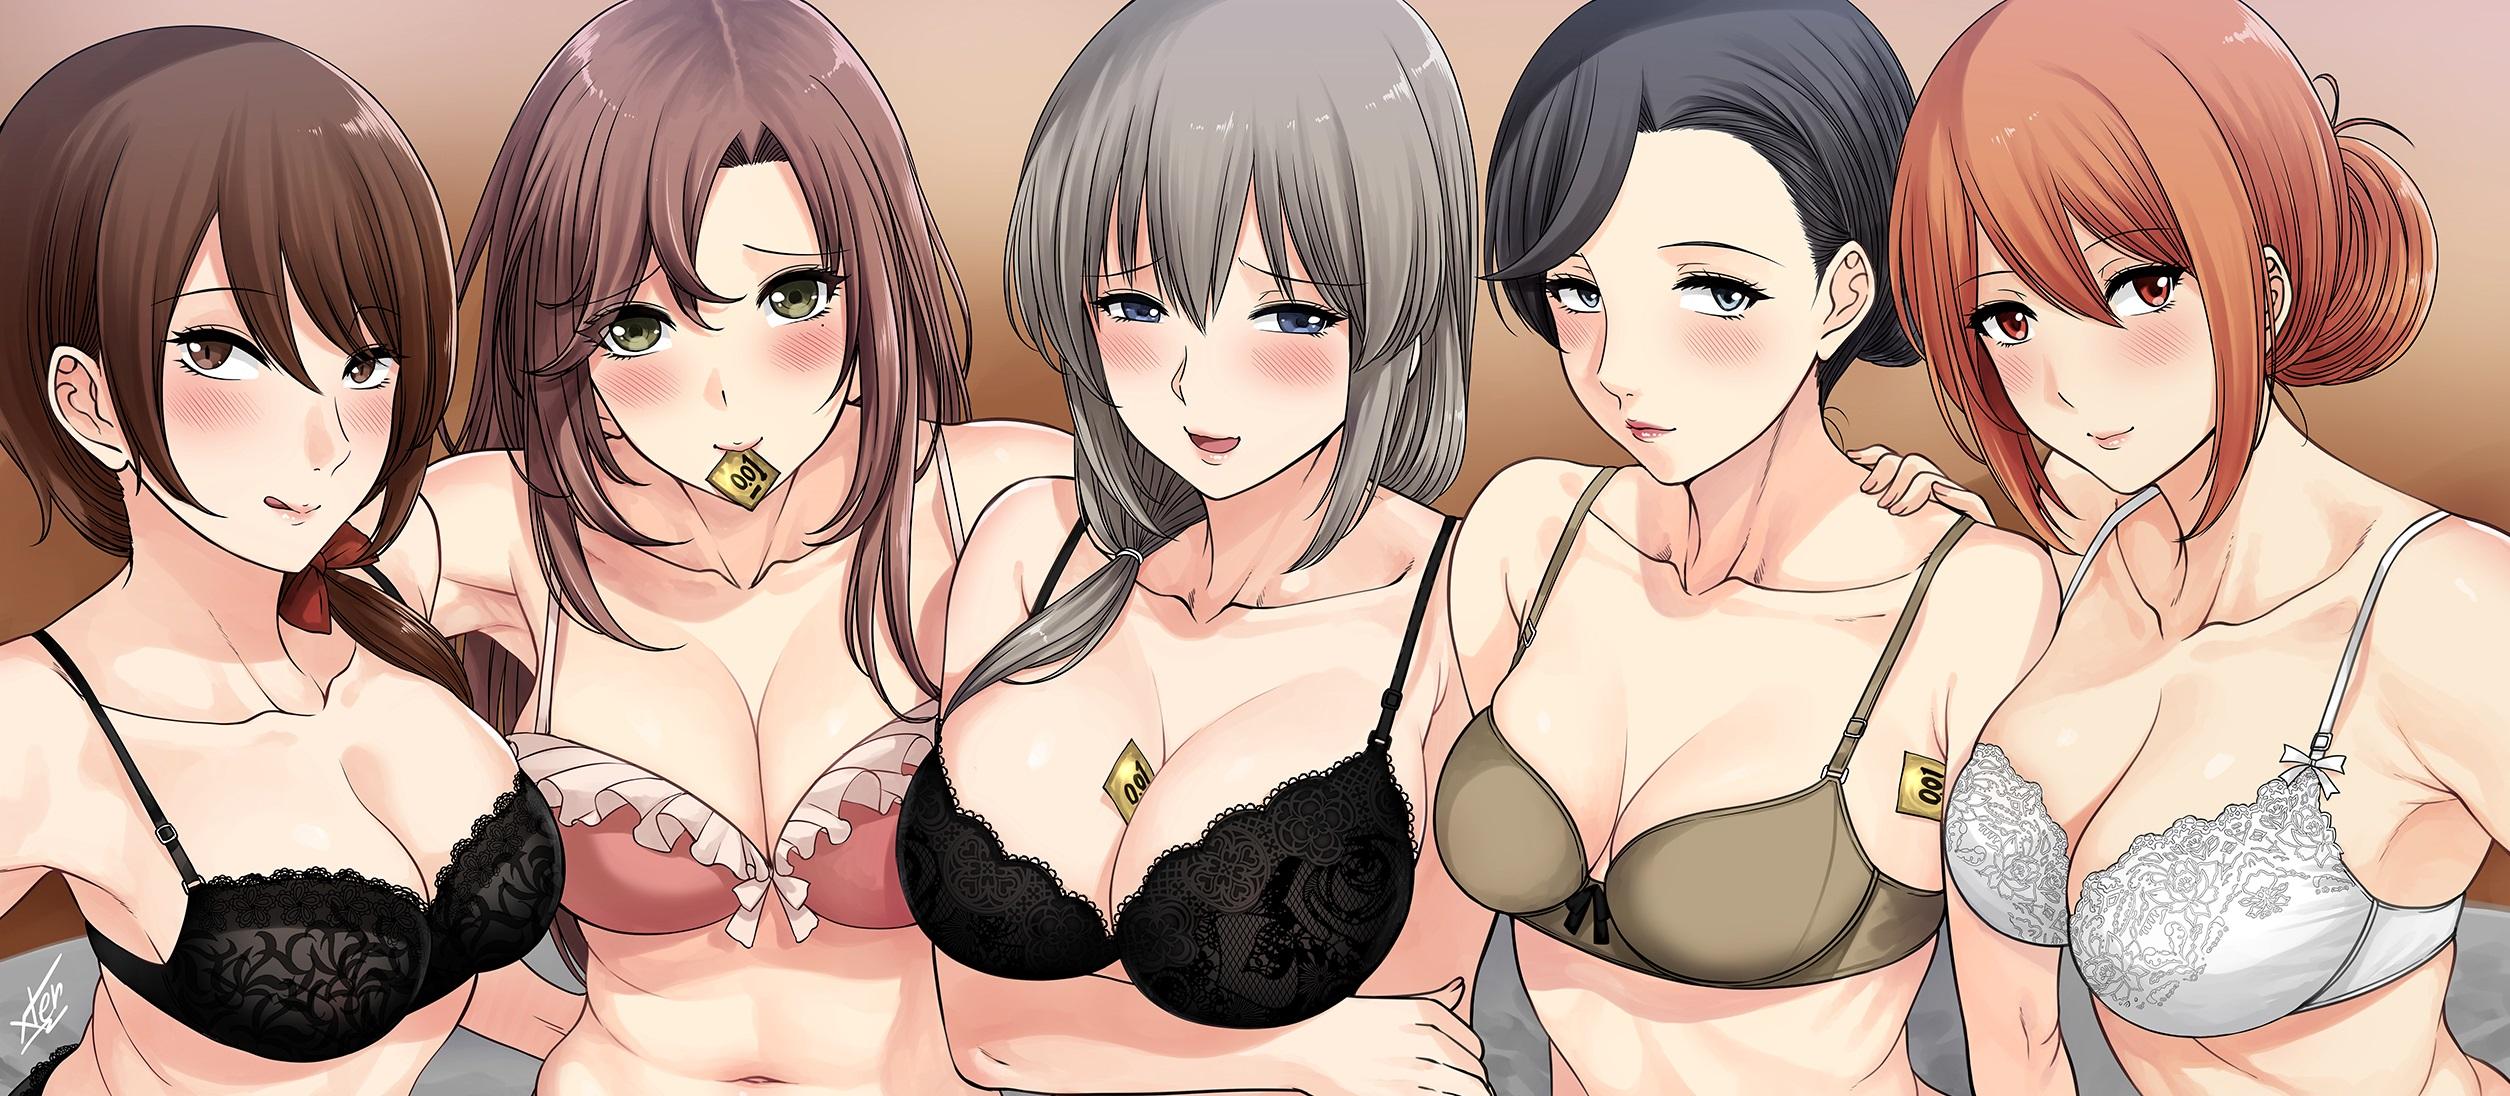 Anime Milf